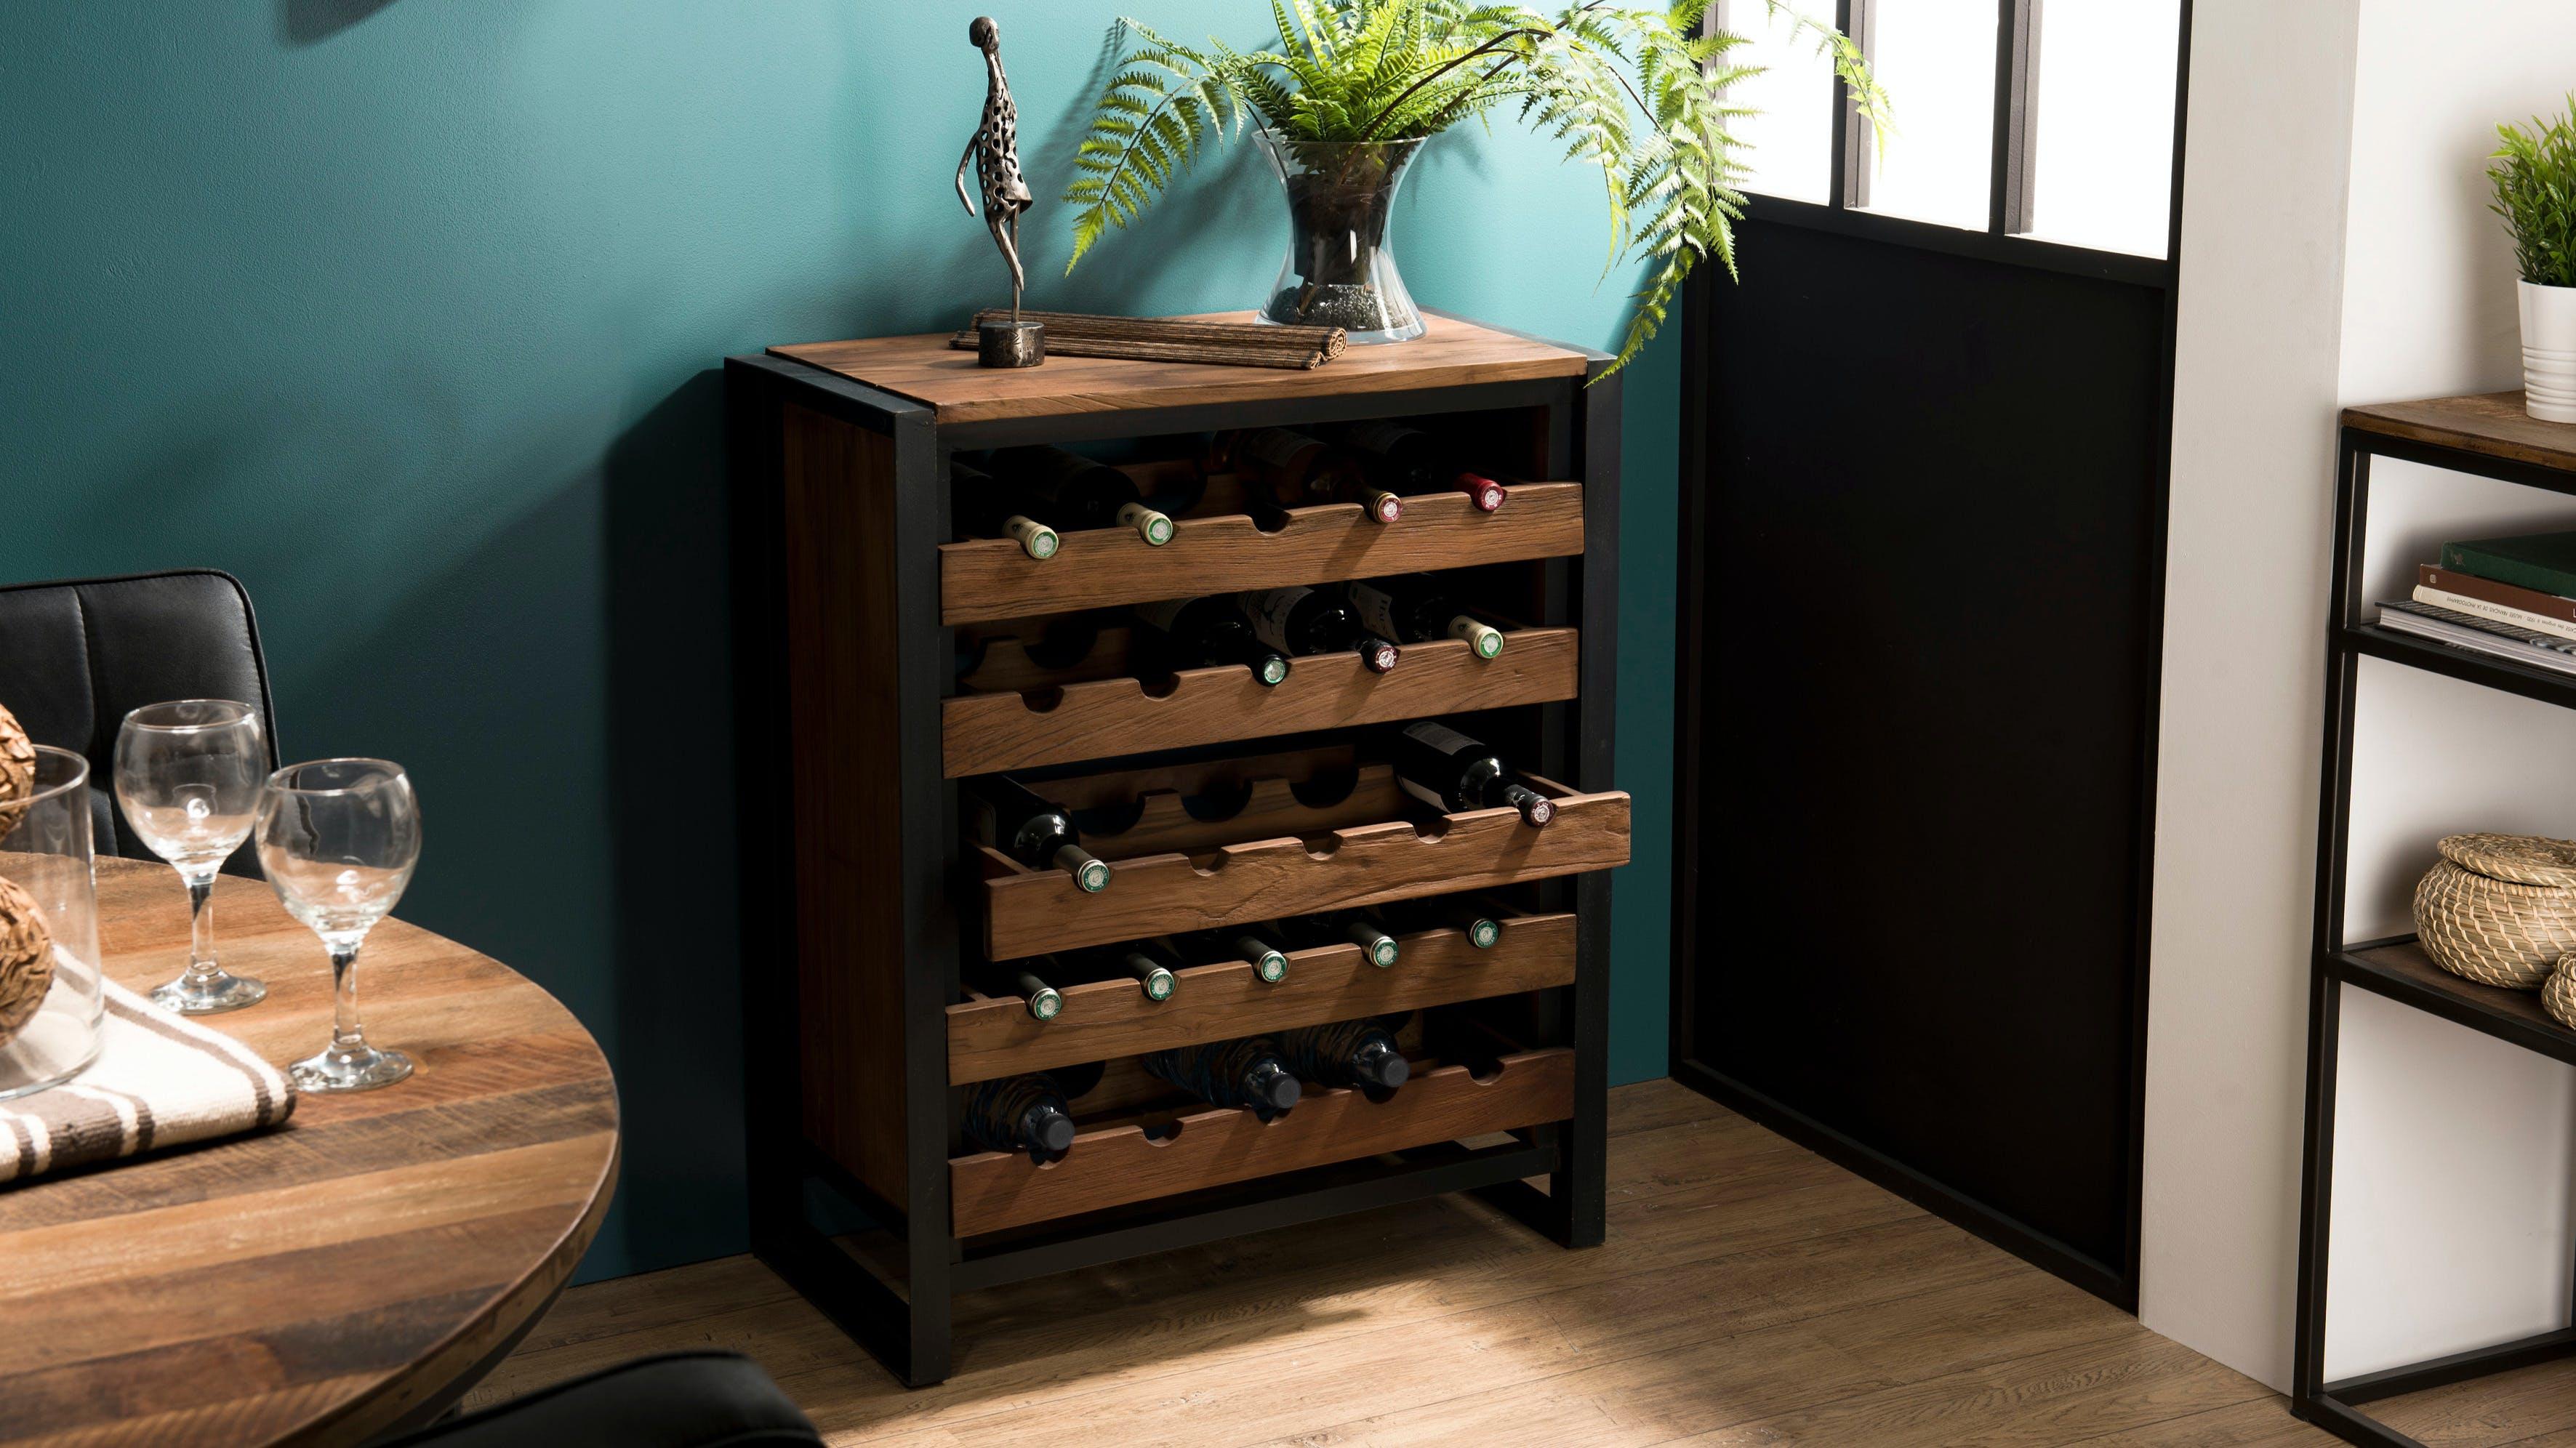 Meubles de bar en bois recyclé : vintage, industriel...